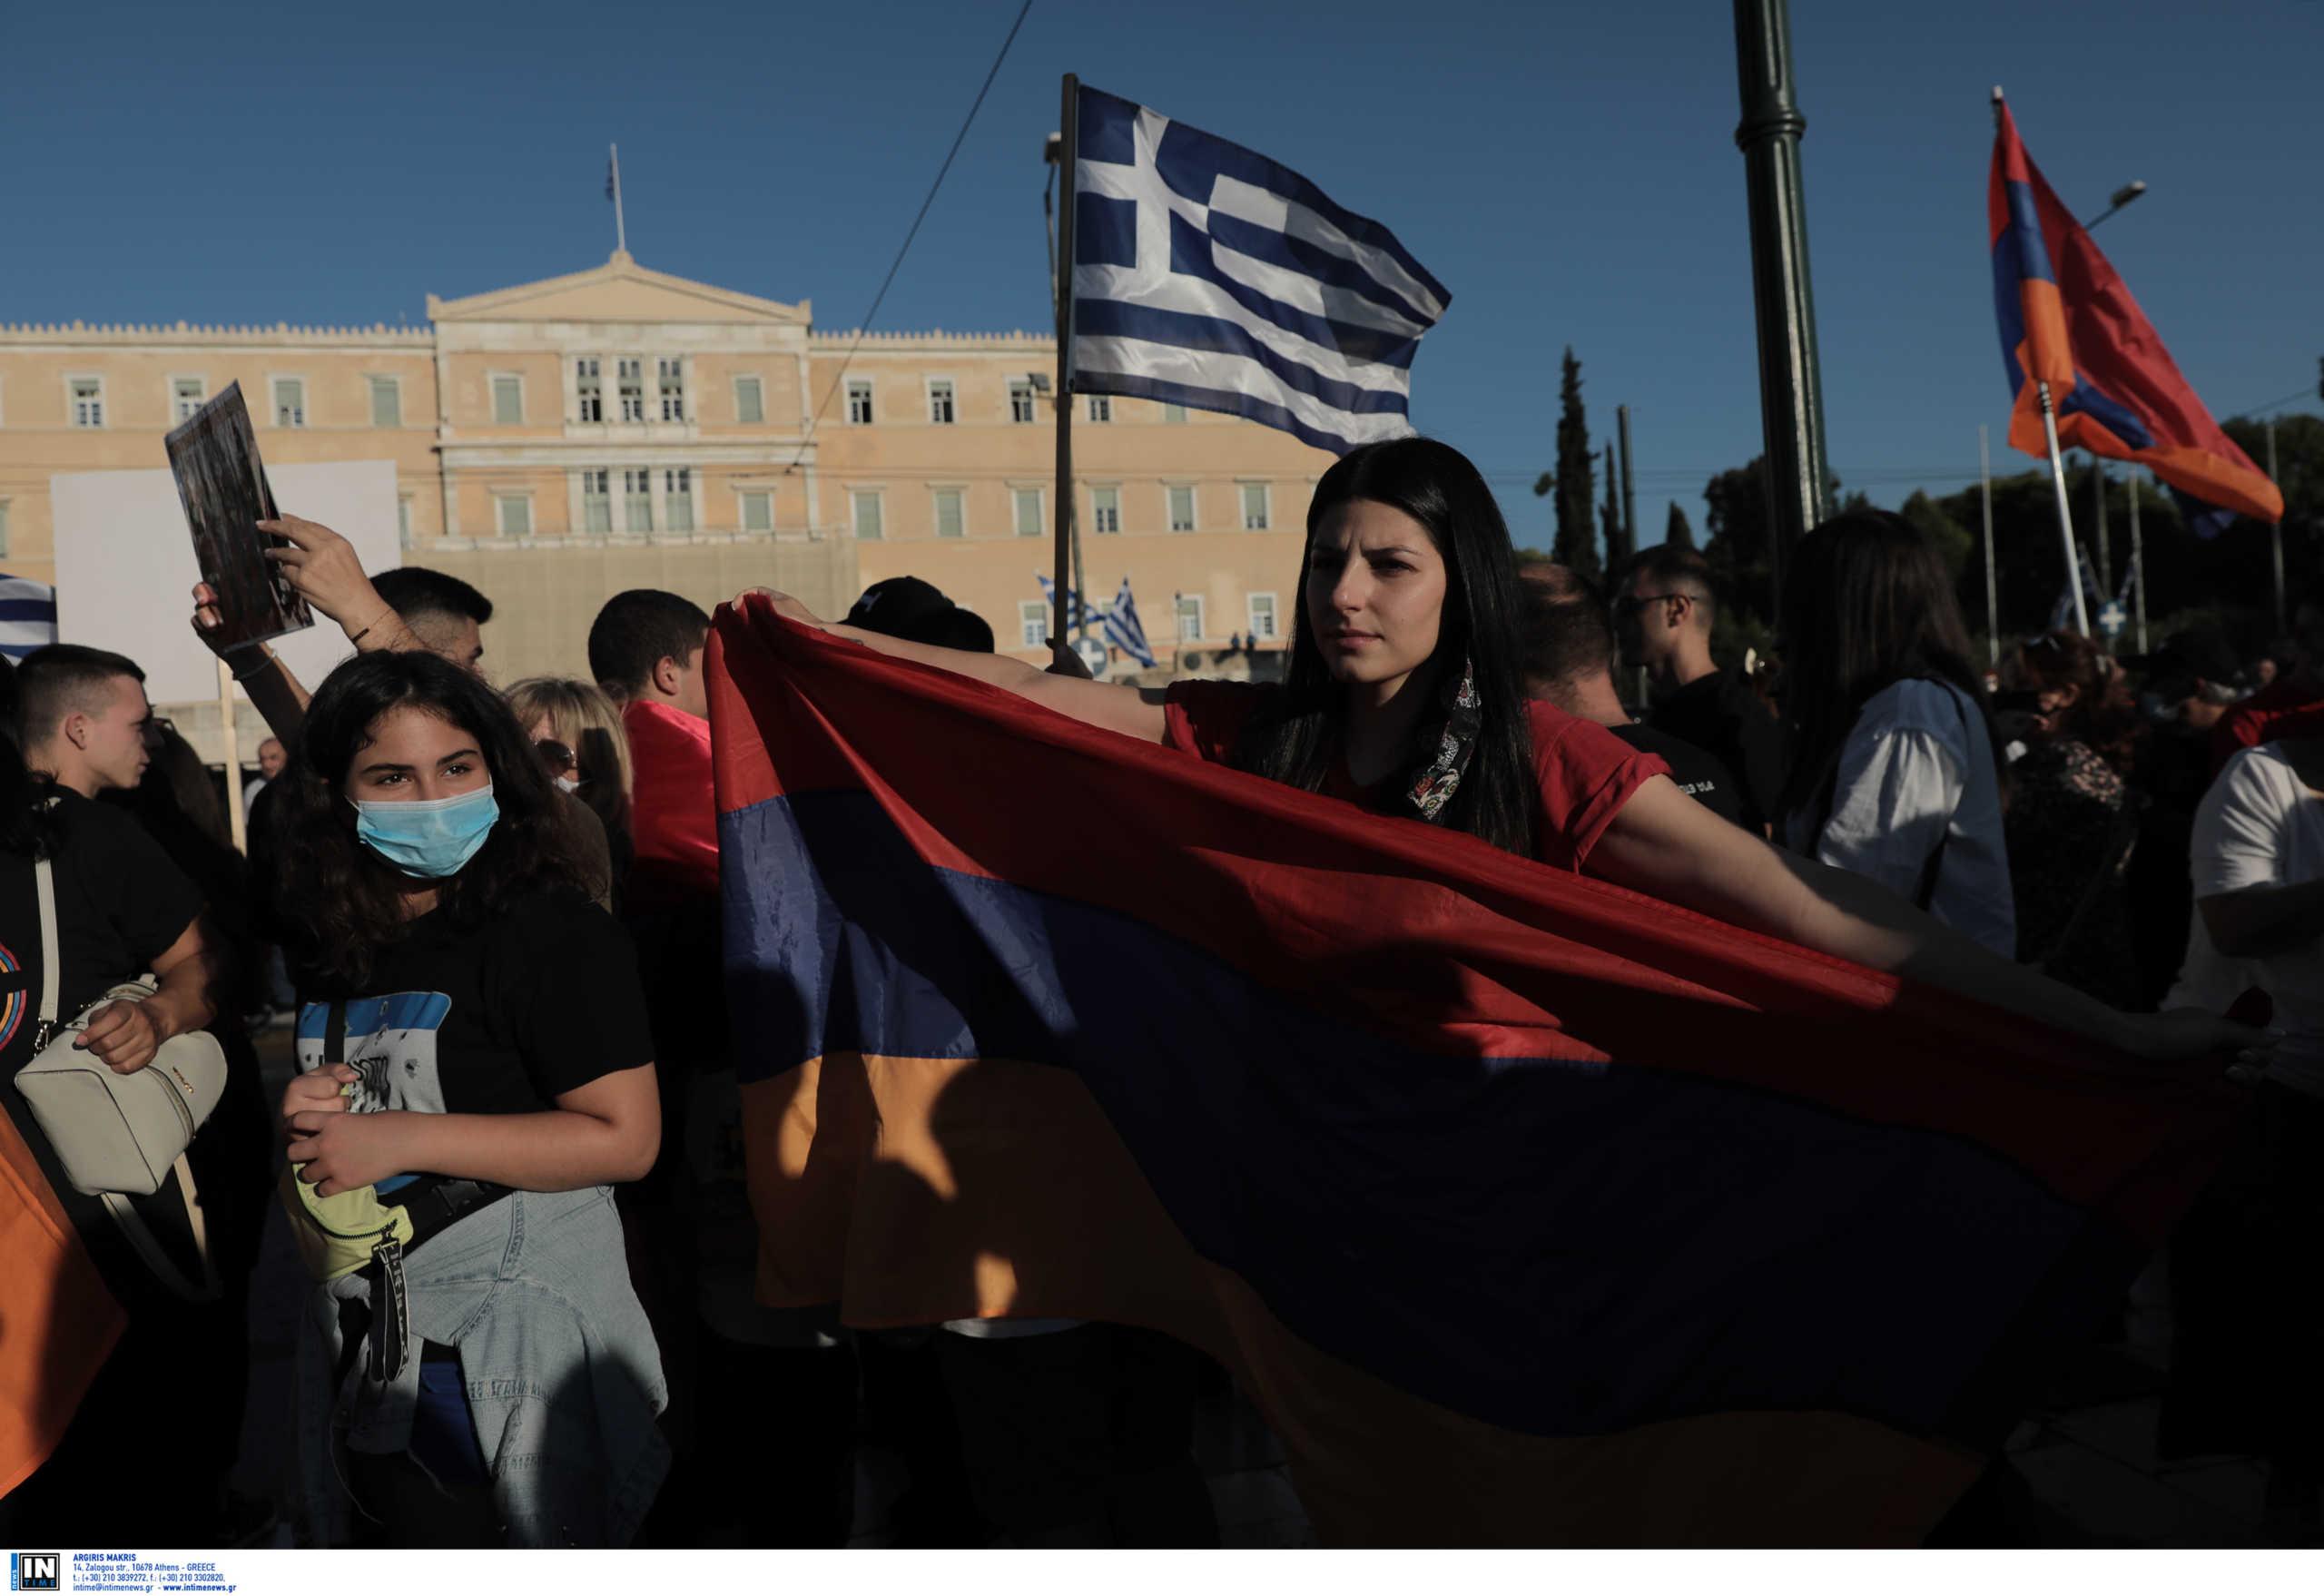 Συγκέντρωση Αρμενίων στο Σύνταγμα κατά των εχθροπραξιών στο Ναγκόρνο Καραμπάχ (pics)